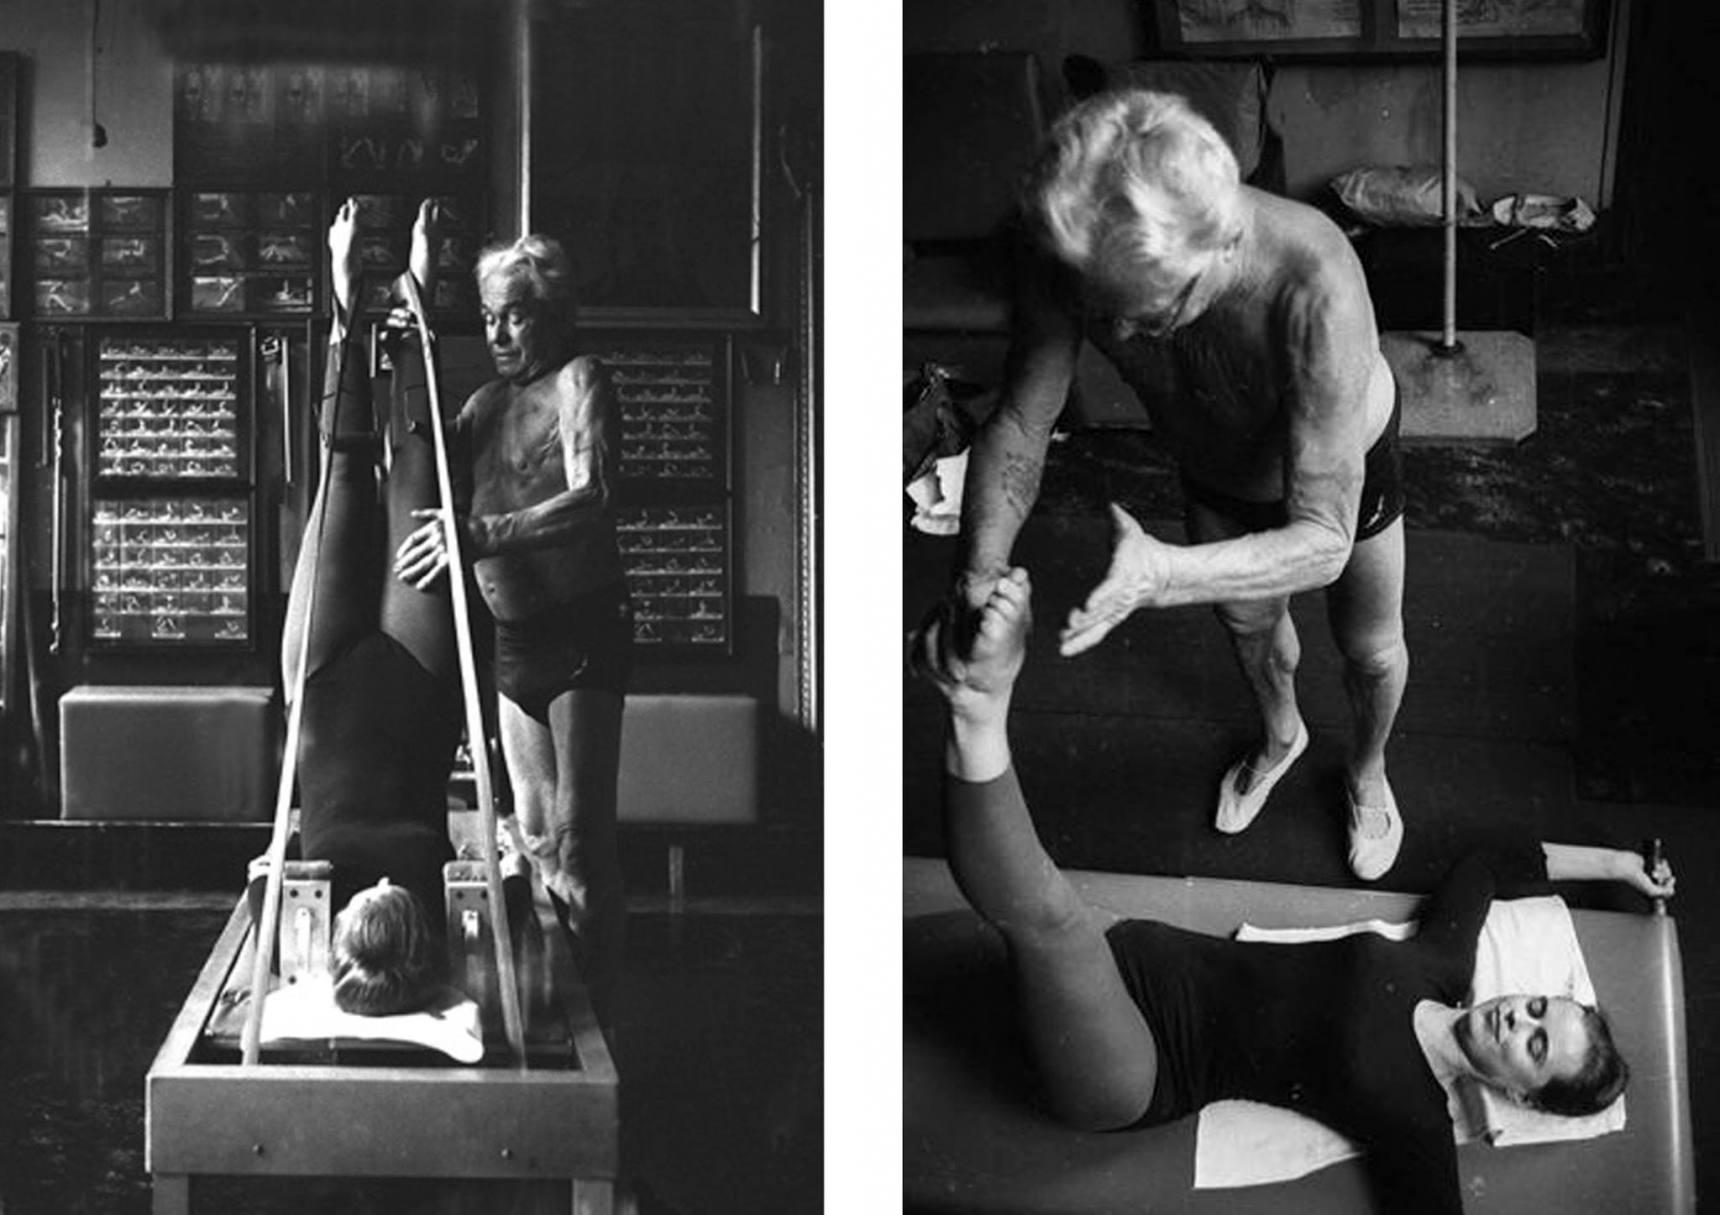 """""""Yo invente todas esos aparatos de Pilates. Pensé, ¿por qué usar mi fuerza?, puedo inventar un aparato que lo haga por mí, ¿ves?... resiste el movimiento de una manera correcta, por lo que esos músculos internos largos realmente tienen que trabajar en contra de él, es por ello que se puede concentrar el movimiento. """"Joseph Pilates."""